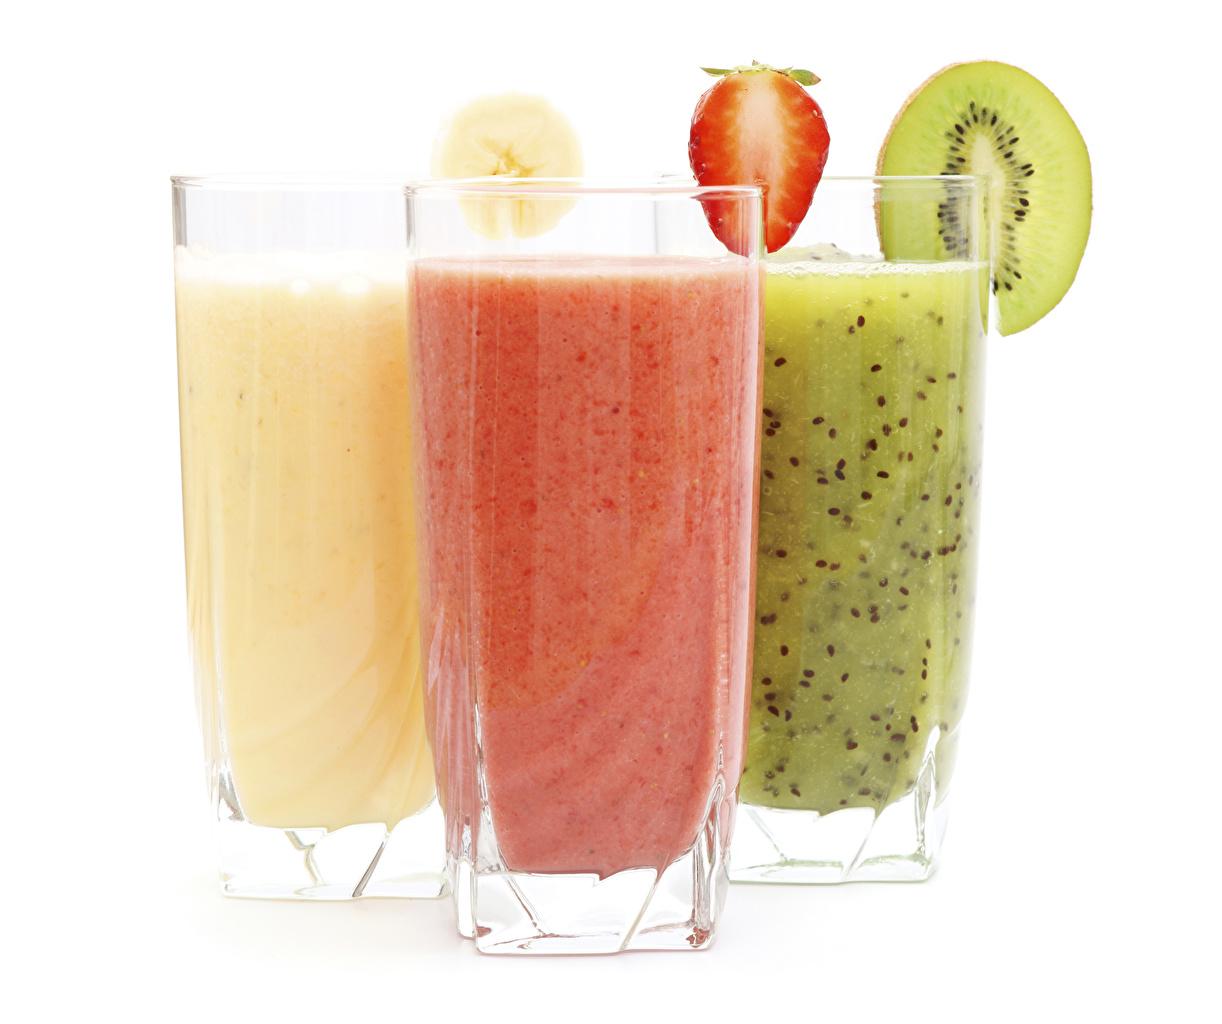 Фотография Сок Киви стакане Клубника Еда втроем Белый фон Стакан стакана Пища Трое 3 Продукты питания